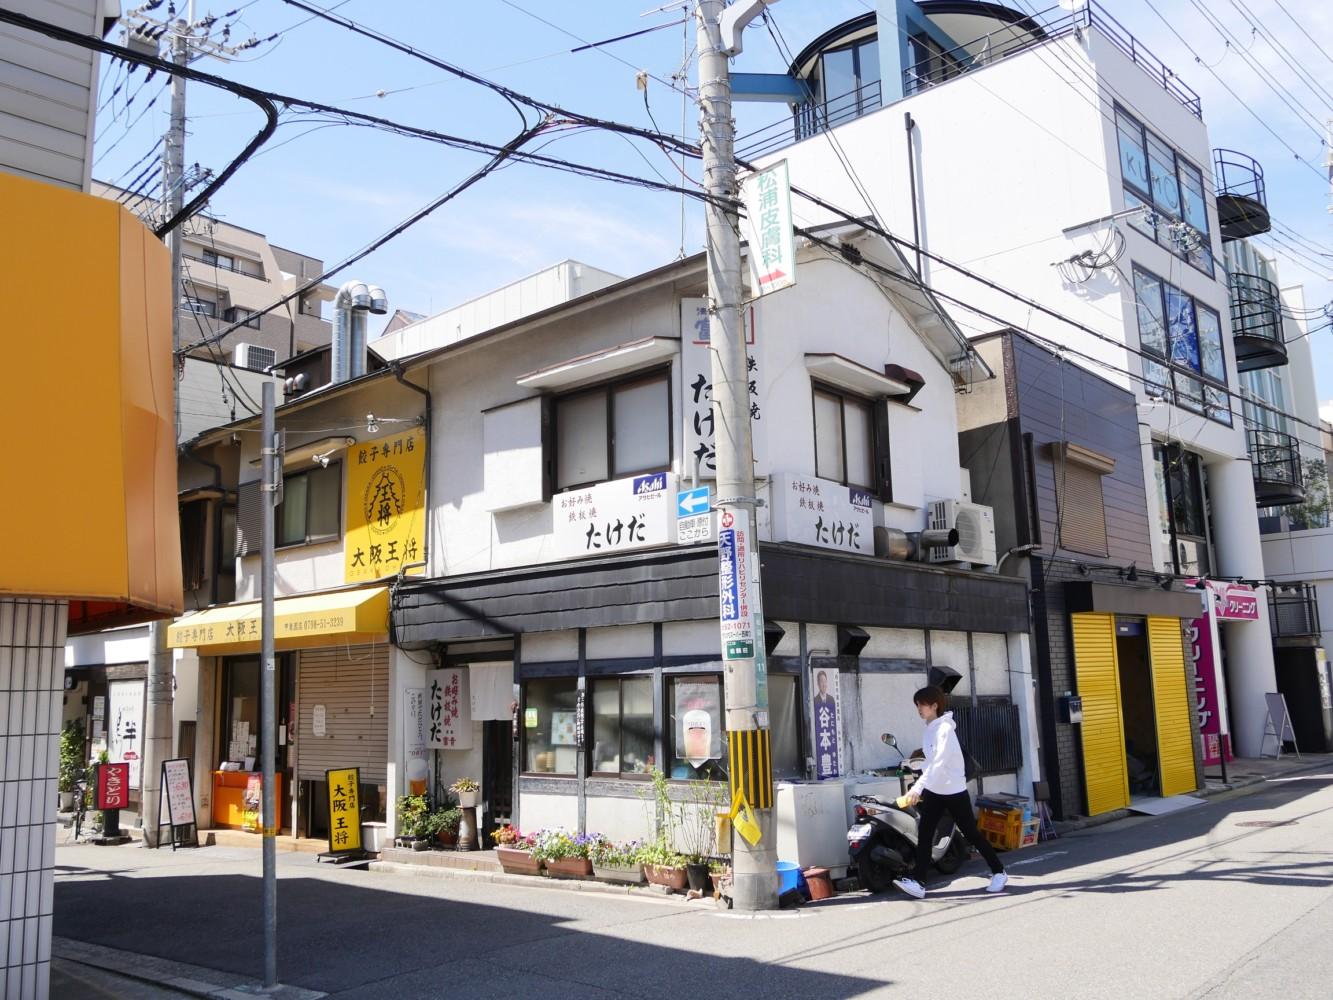 兵庫県西宮市松籟荘のお好み焼きたけだの近くに居酒屋ができるみたい。